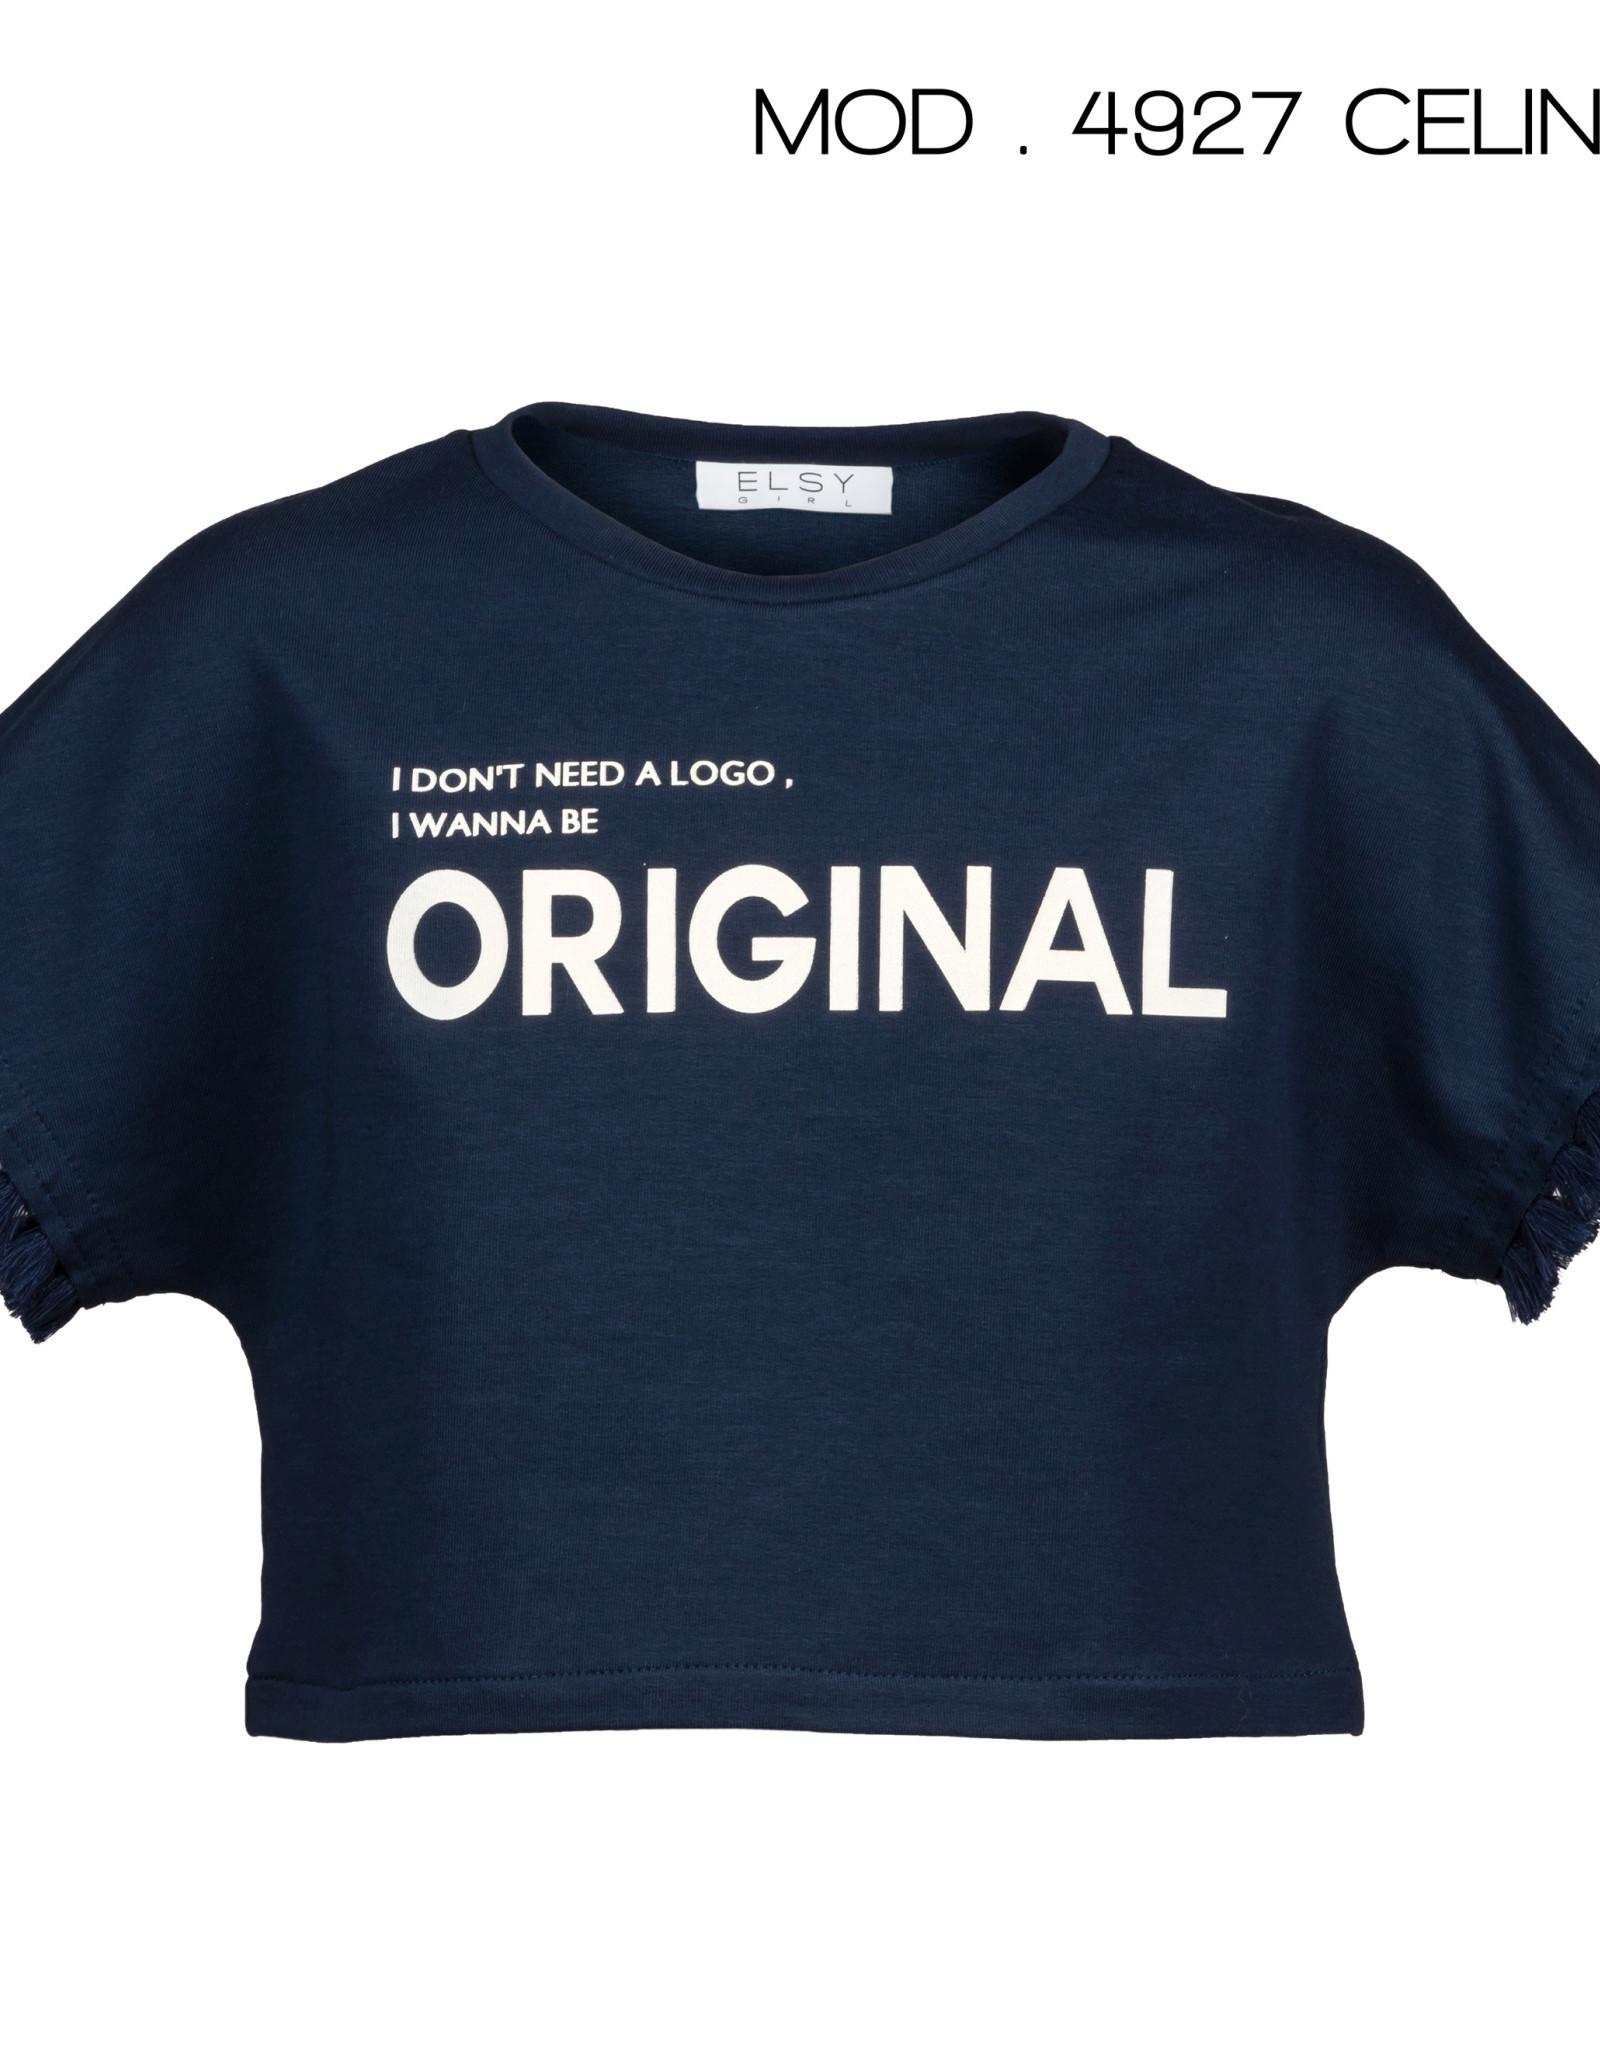 ELSY ELSY Celine t-shirt